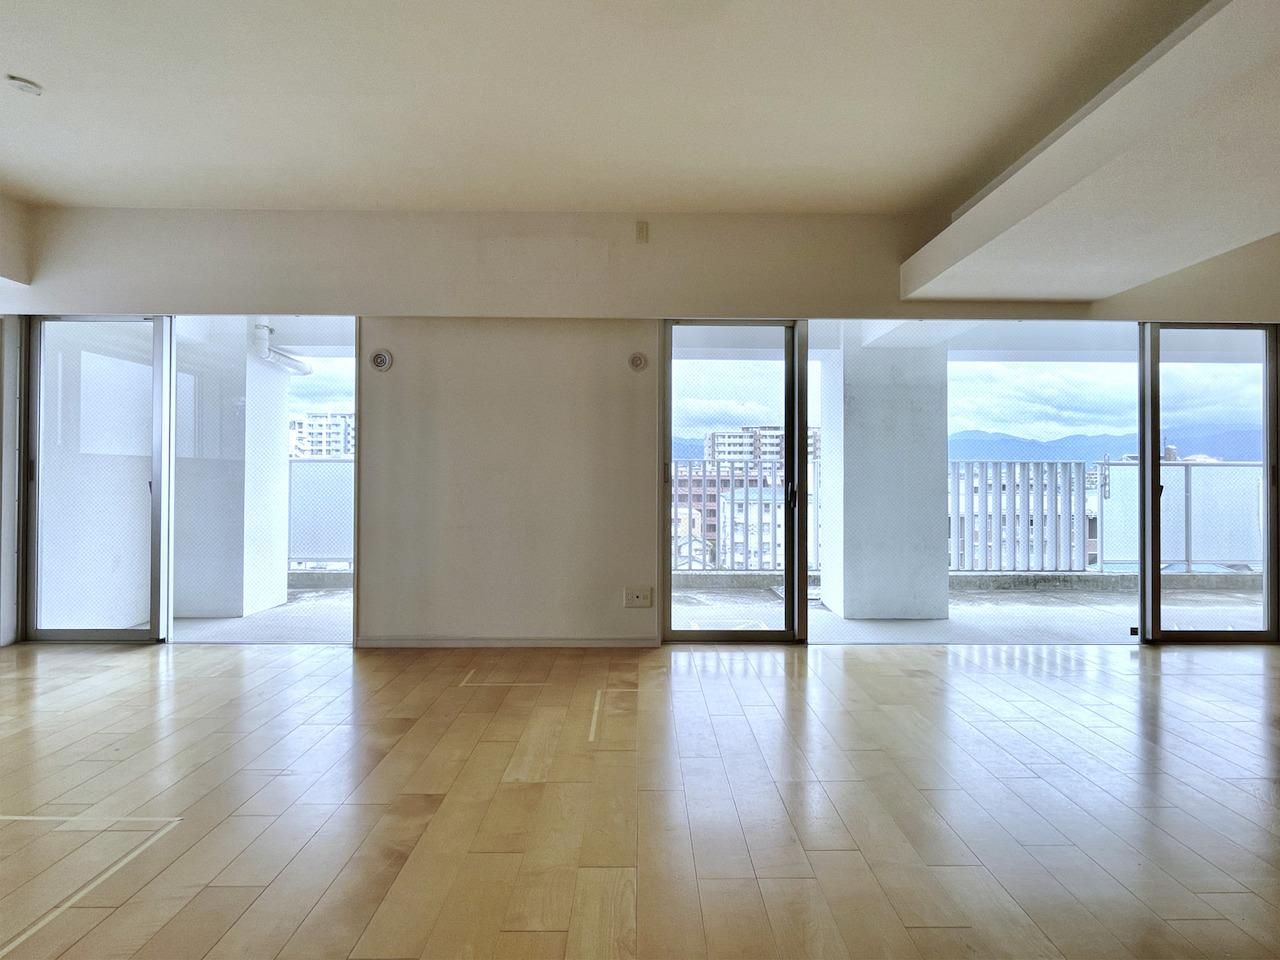 こうやってみると本当にダンススタジオみたい。